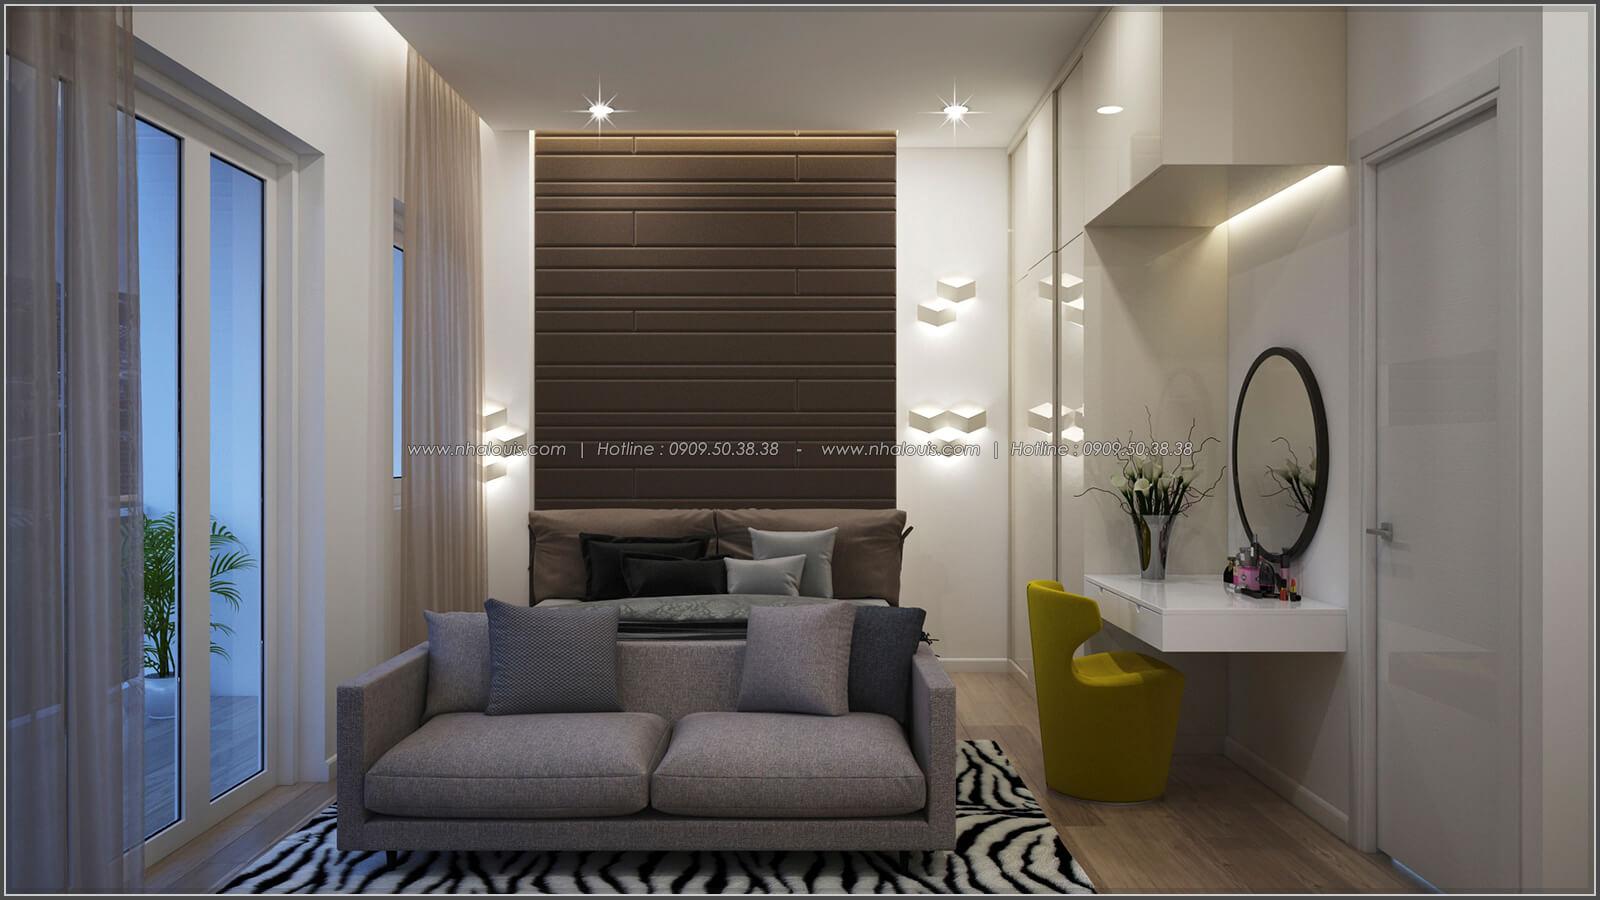 Phòng ngủ thiết kế nhà có tầng hầm của chị Lan tại Quận 1 - 19